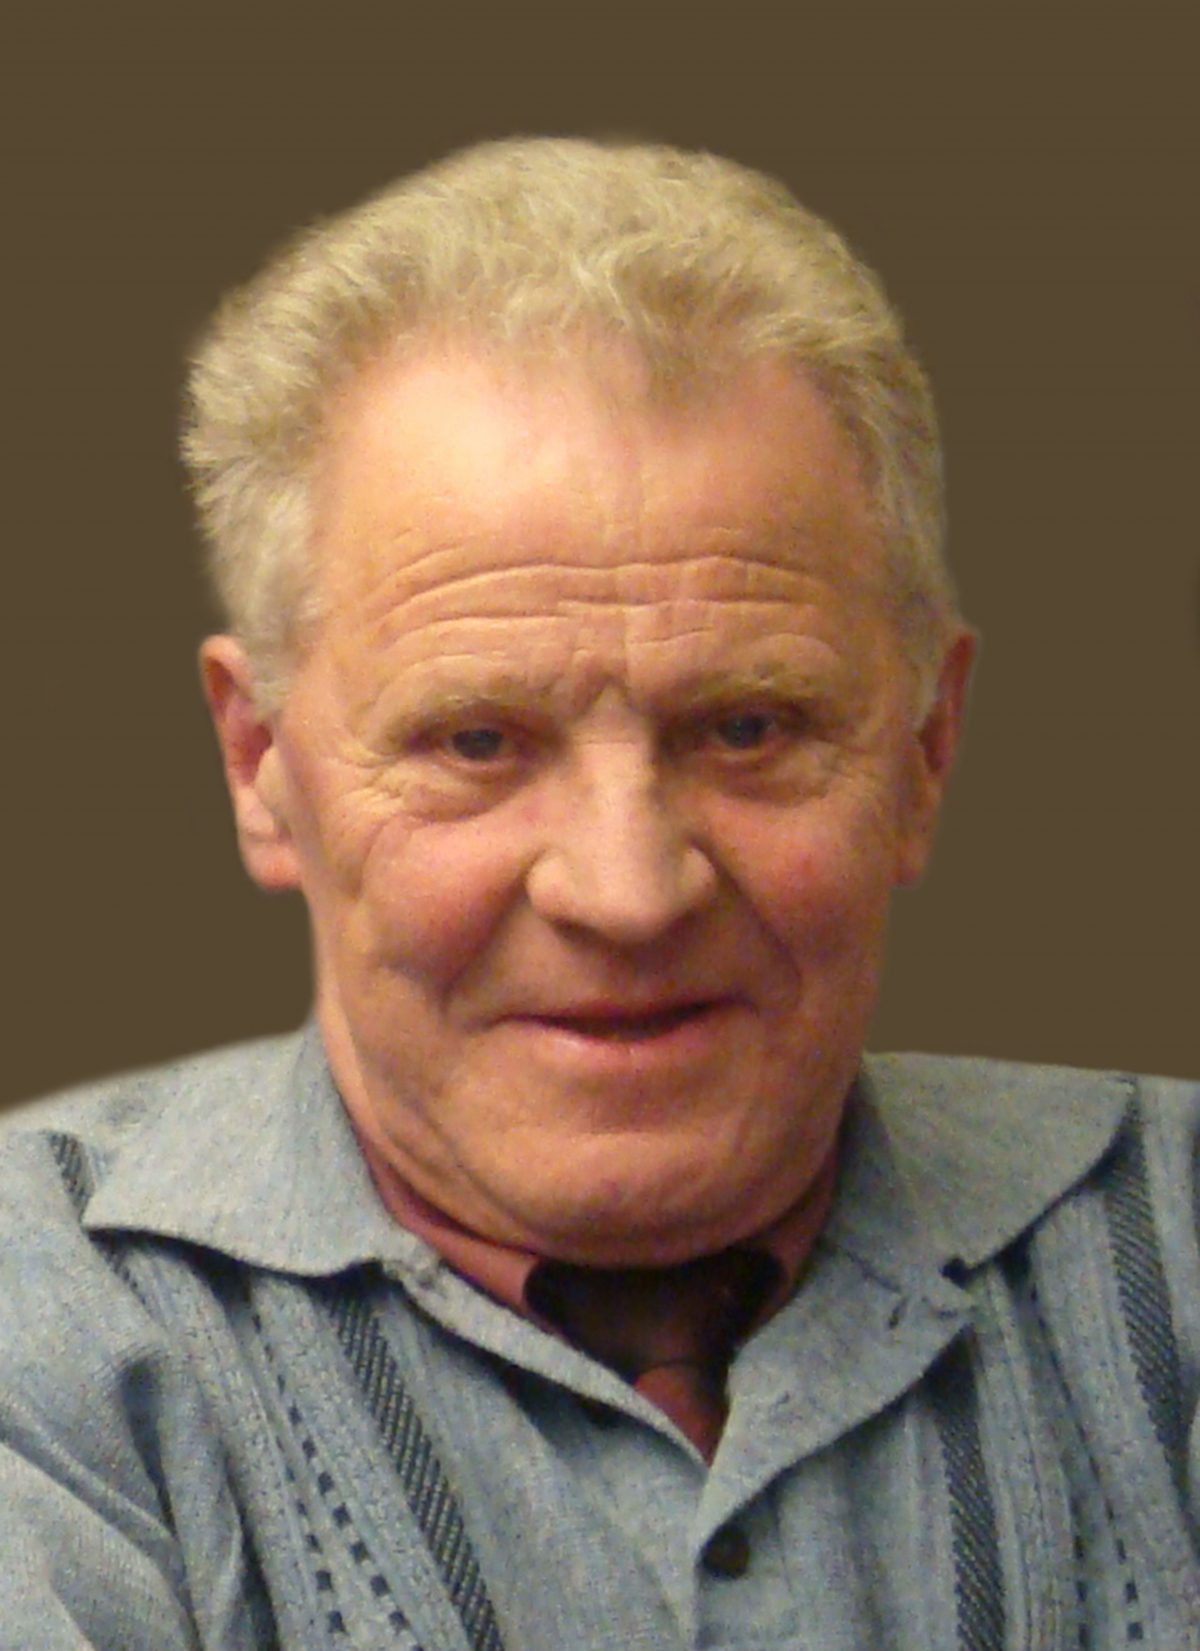 Mathieu Daenen